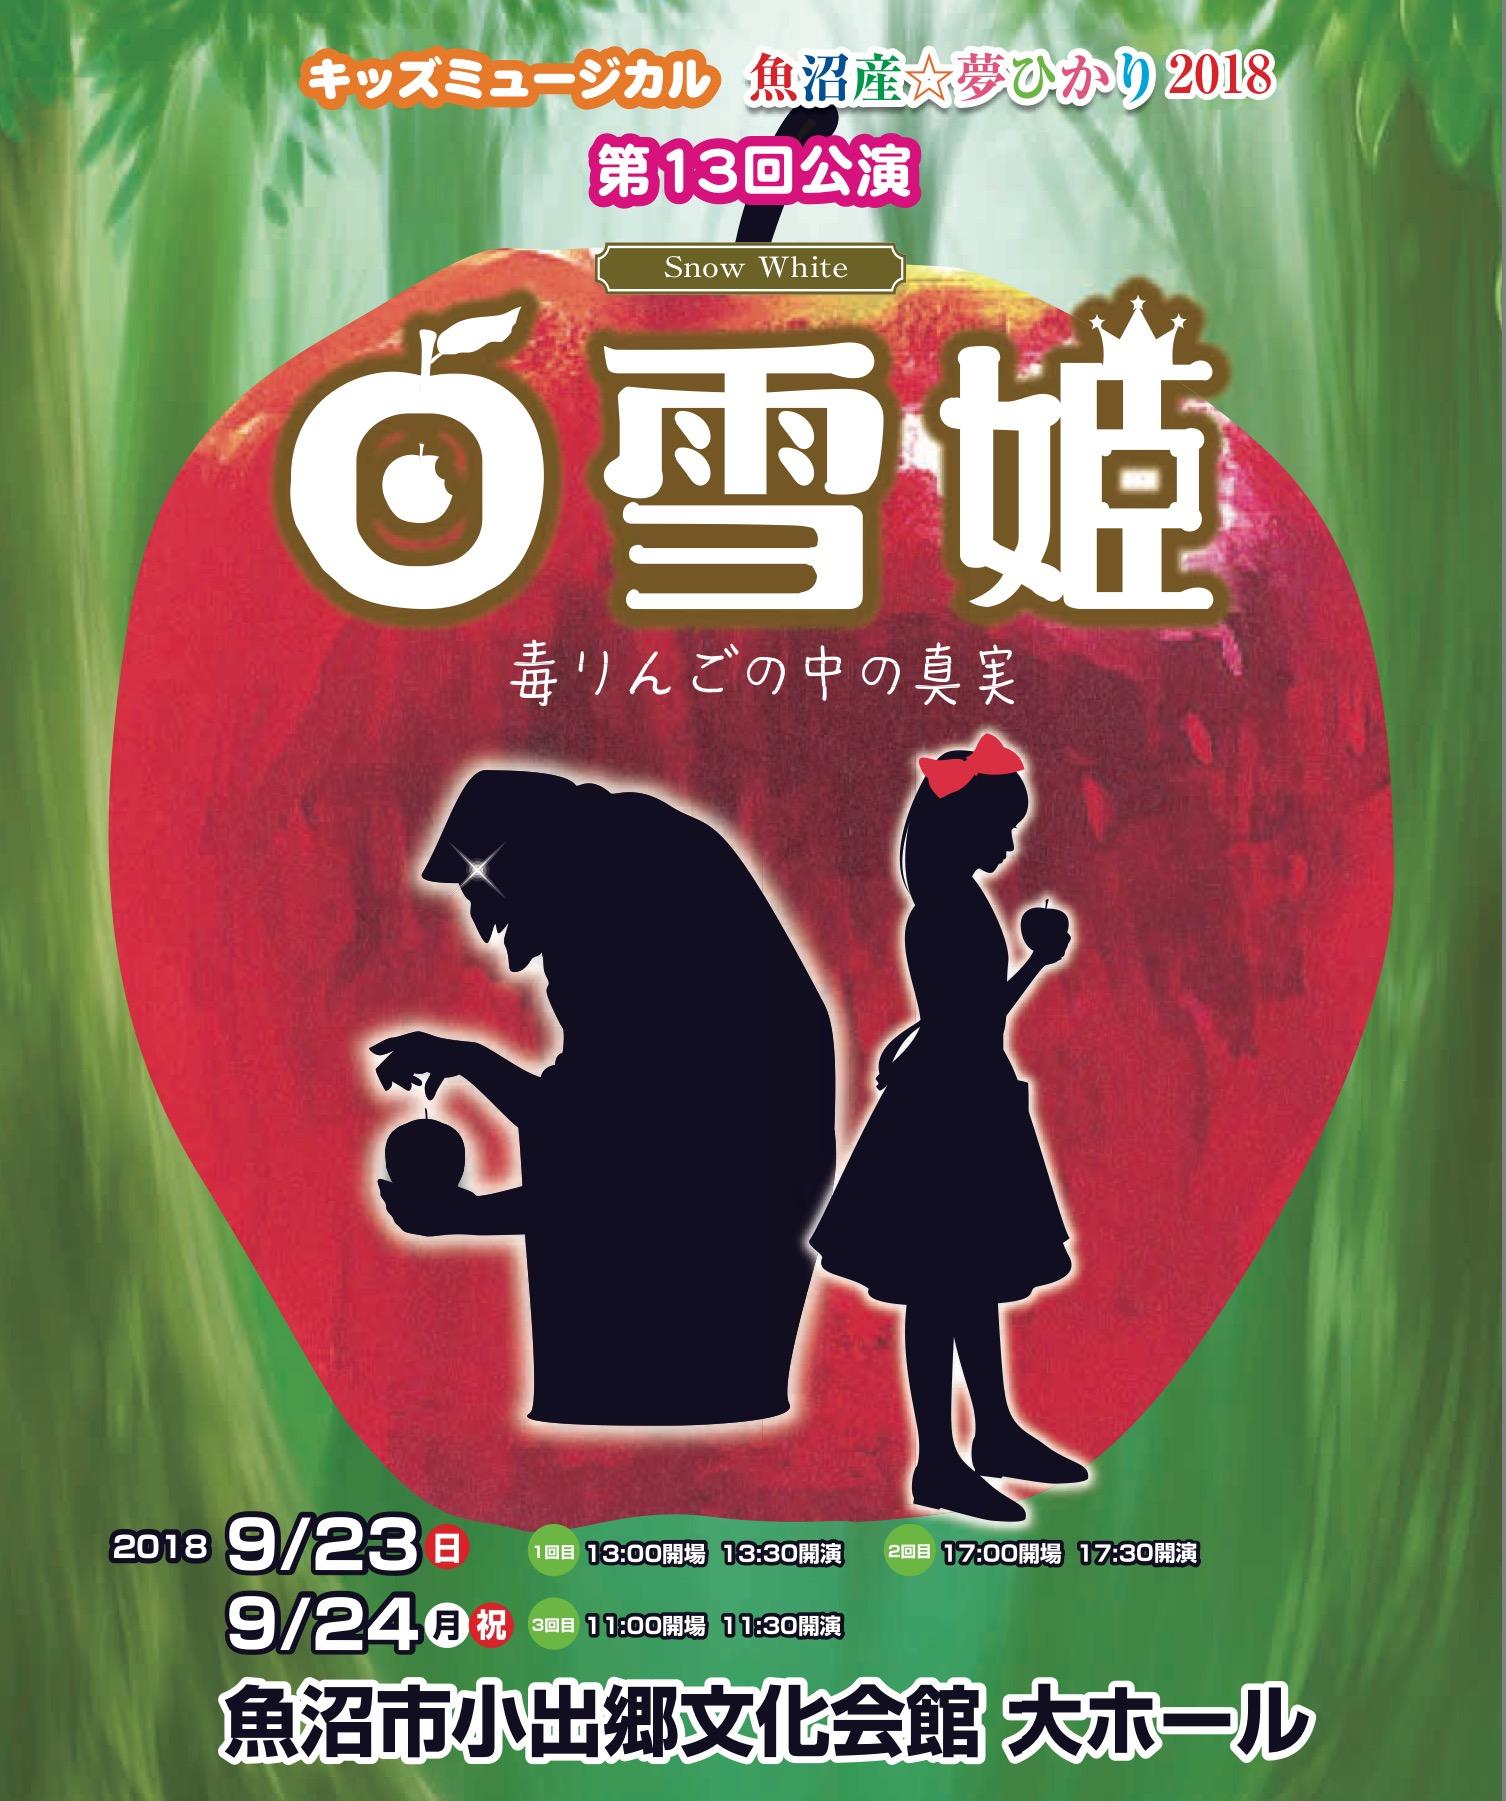 2018年秋 魚沼公演(1回目9/23(日)13:30開演)「白雪姫」~毒りんごの中の真実~